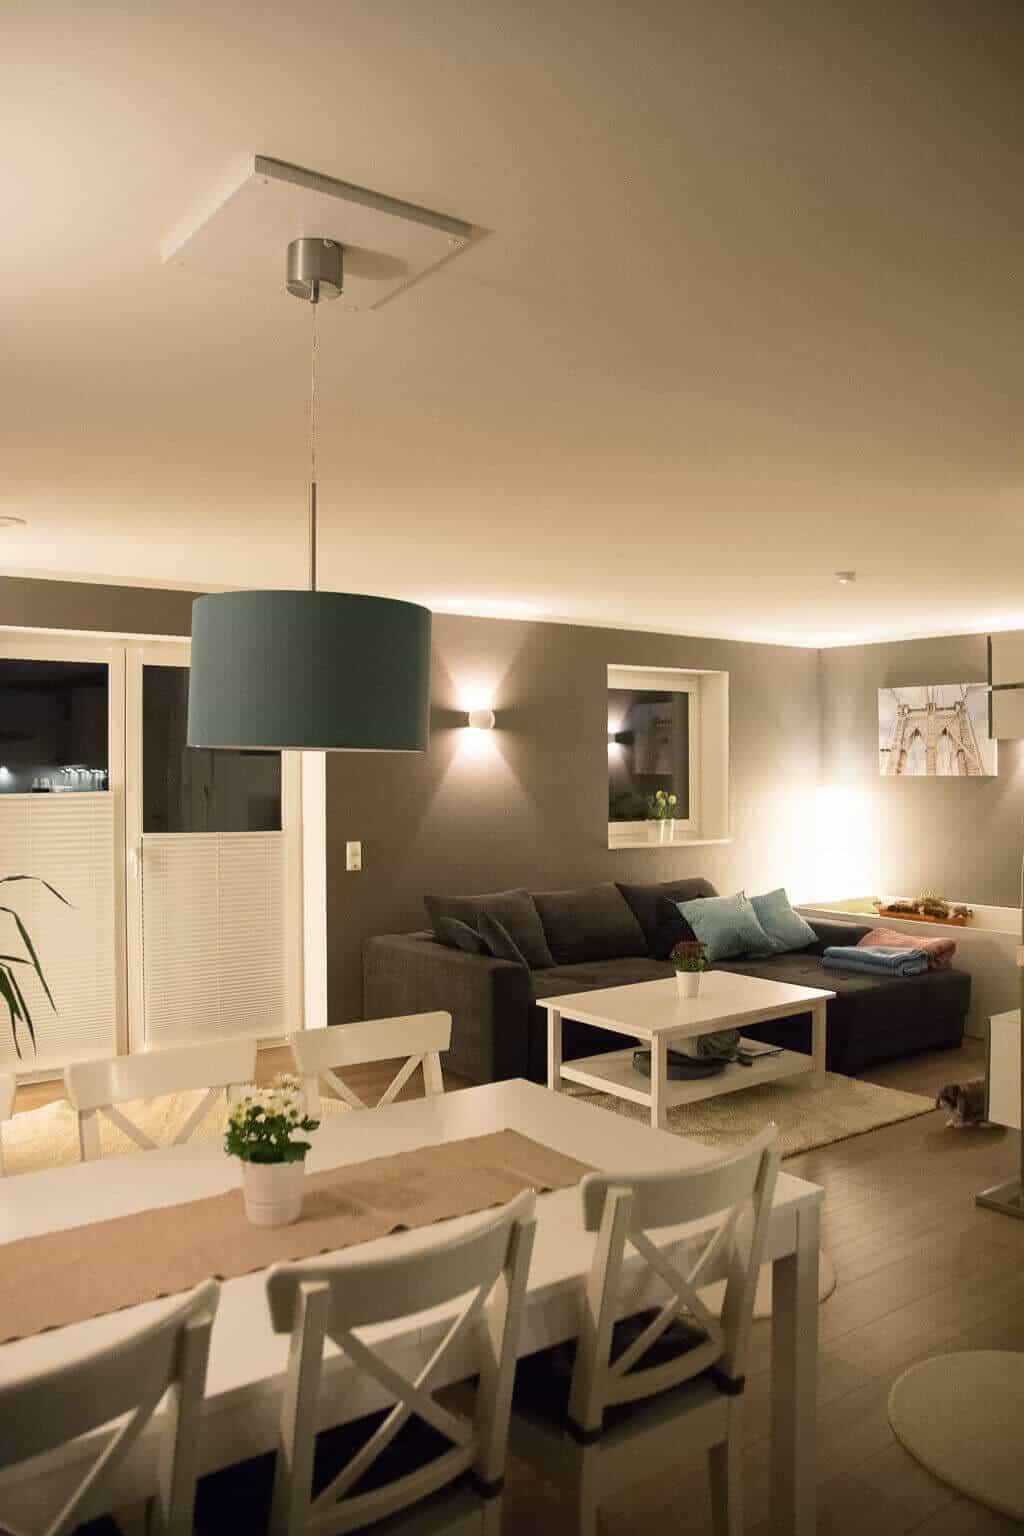 Wunderbar Wohnzimmer In Grau Gestrichen Mit Weißen Möbeln Als Akzent